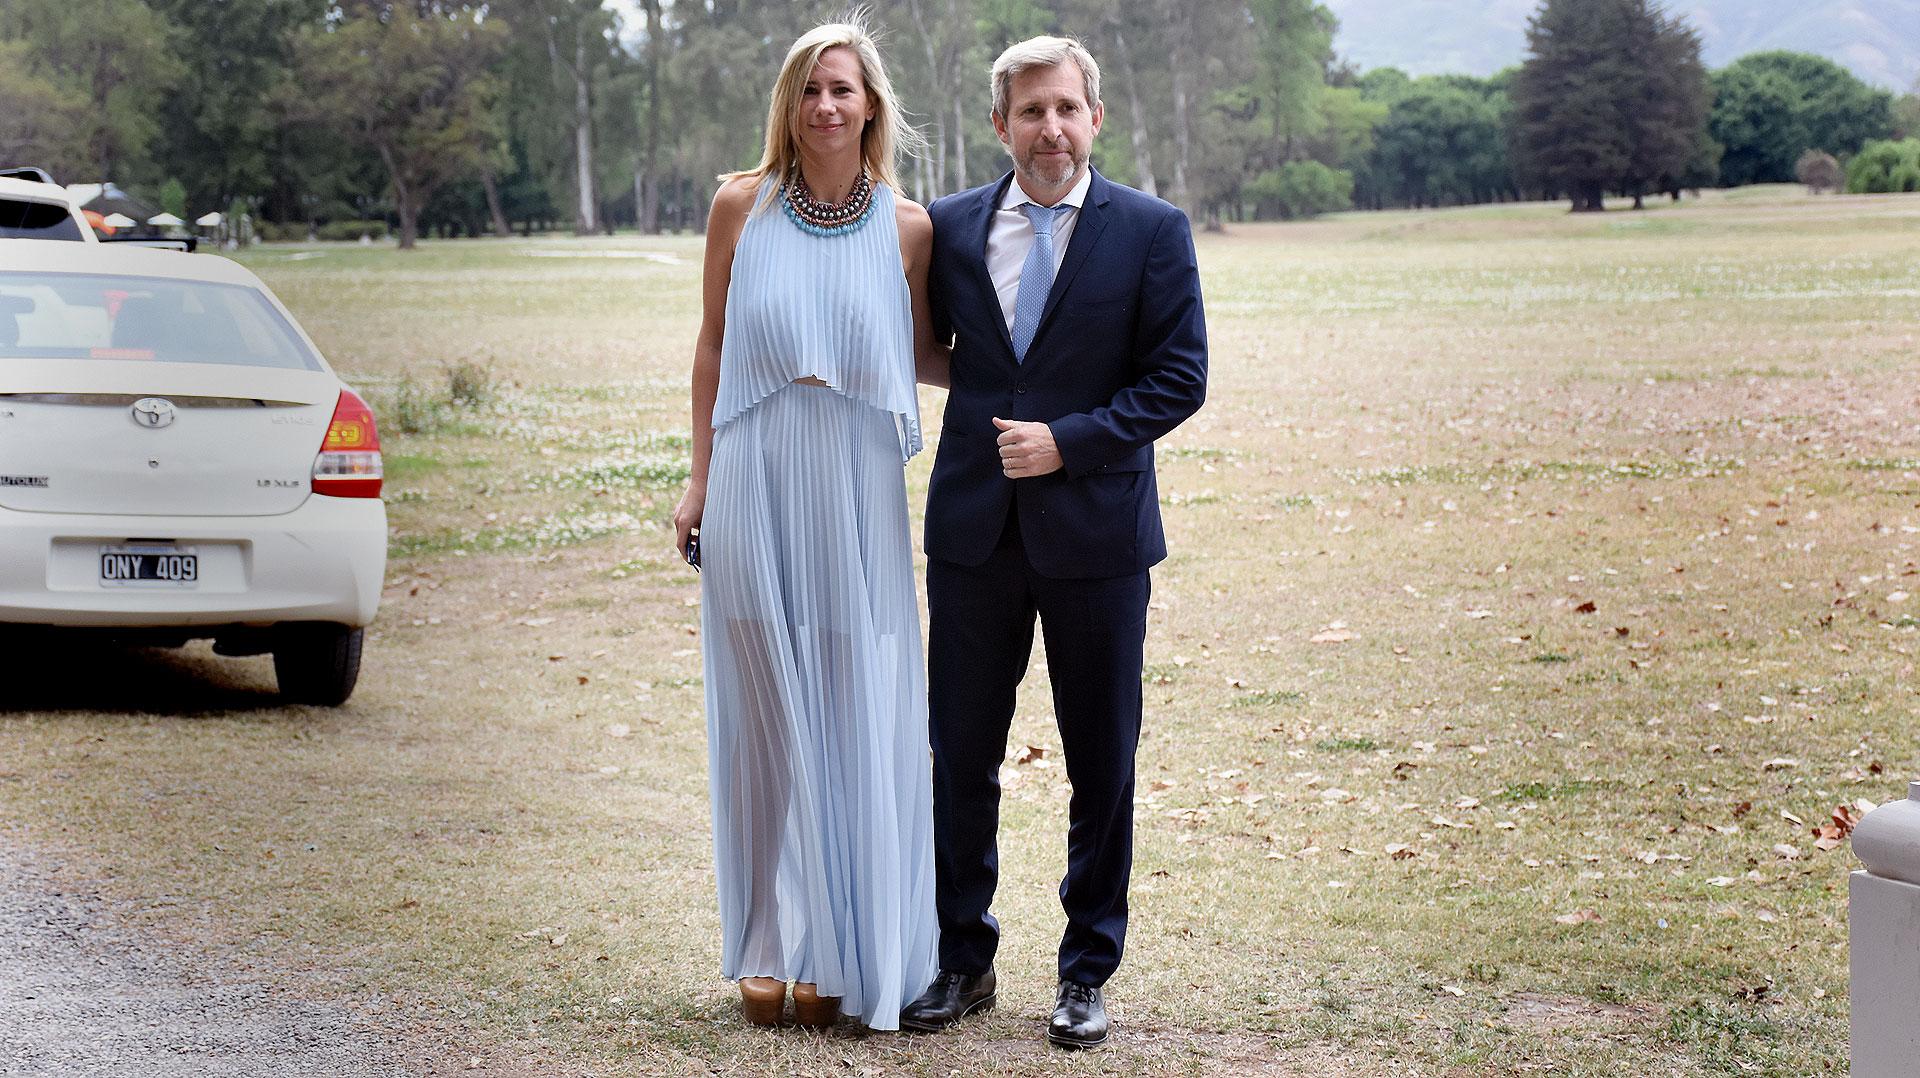 El ministro de Interior y Obras Públicas, Rogelio Frigerio, y su mujer Victoria Costoya.